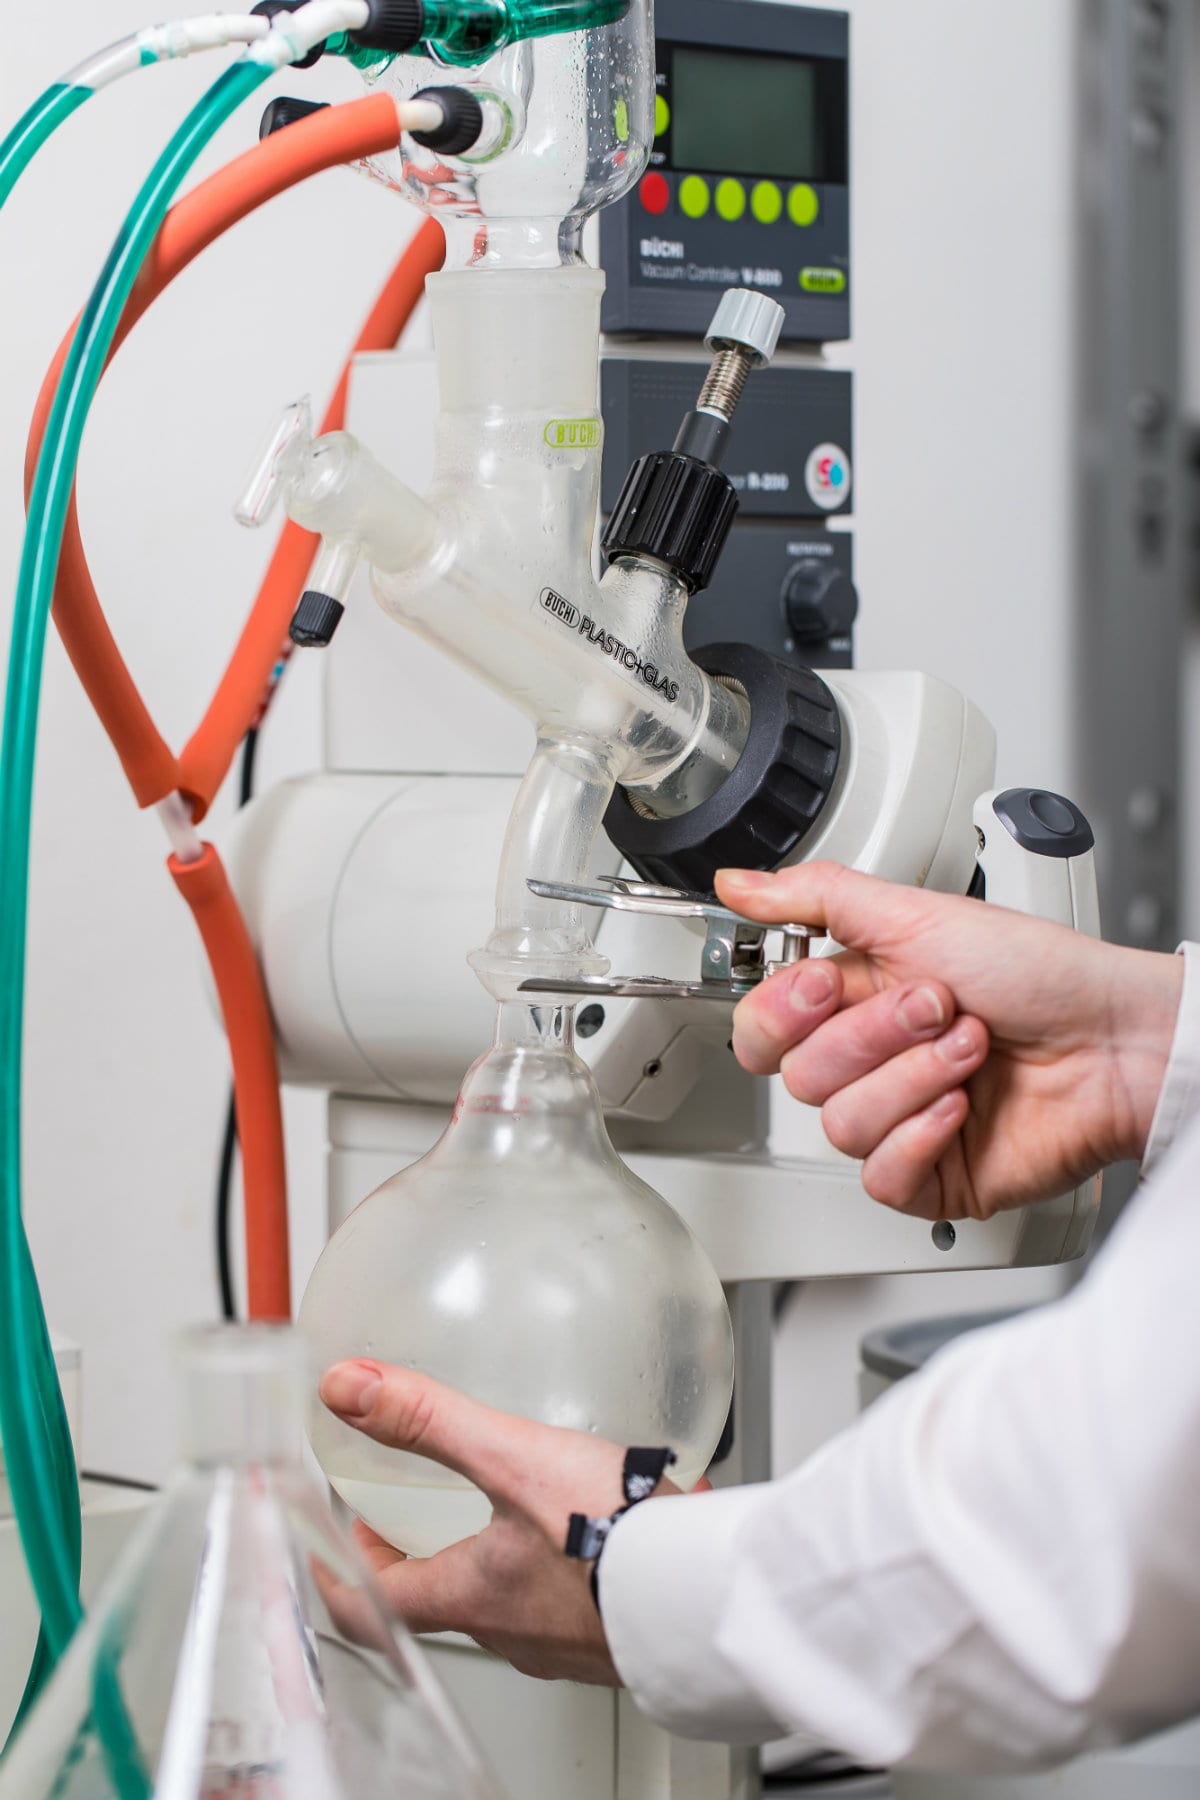 Distillatore che verrà utilizzato nel laboratorio a vista di Latta, Il pub moderno che propone cocktail, fermentati e birre in lattina